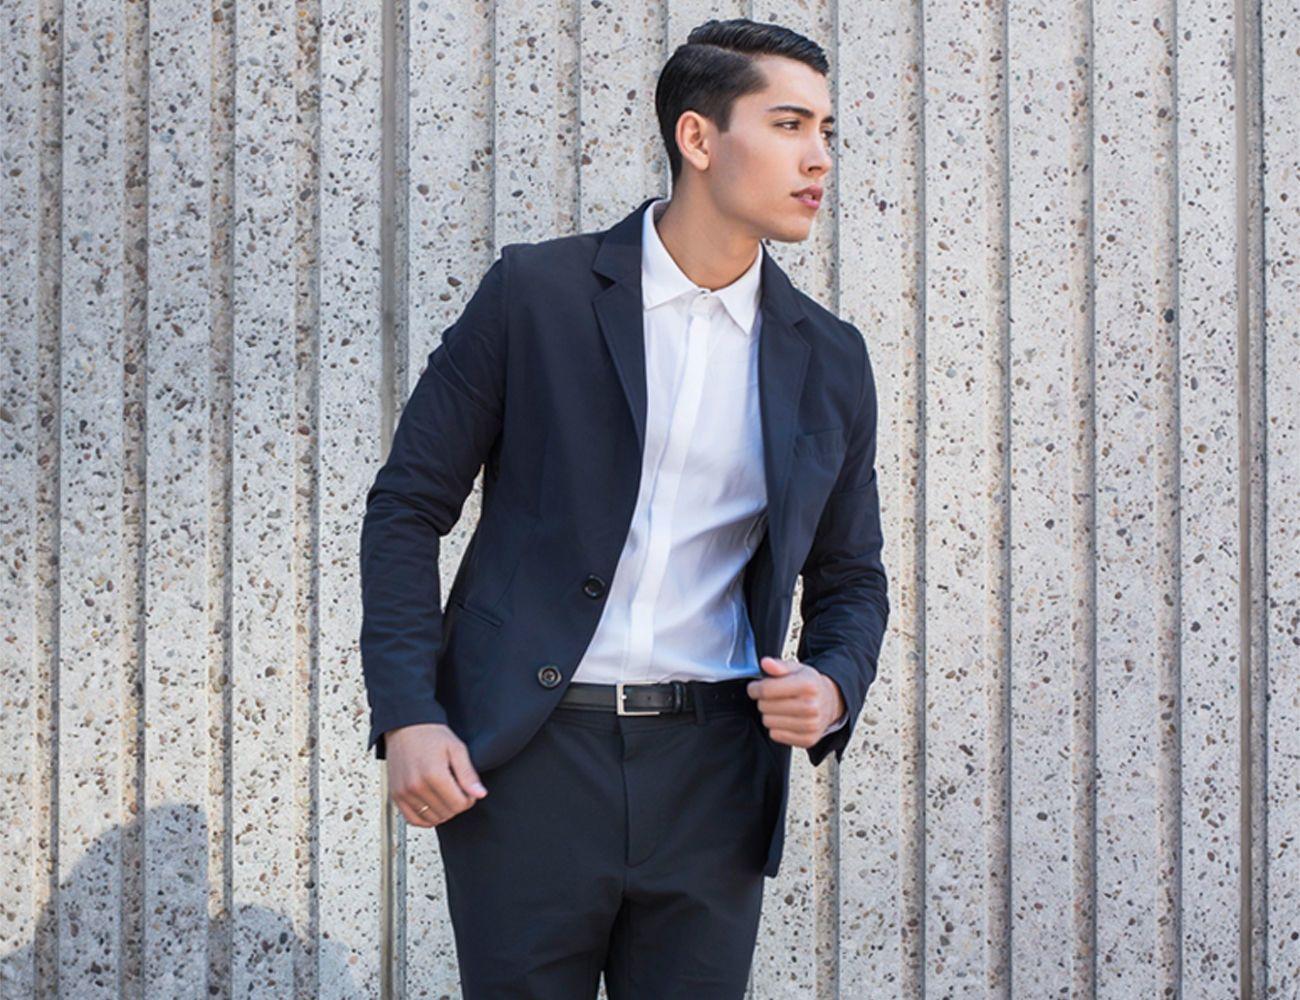 Ultra Suit Advanced Eco-Friendly Suit